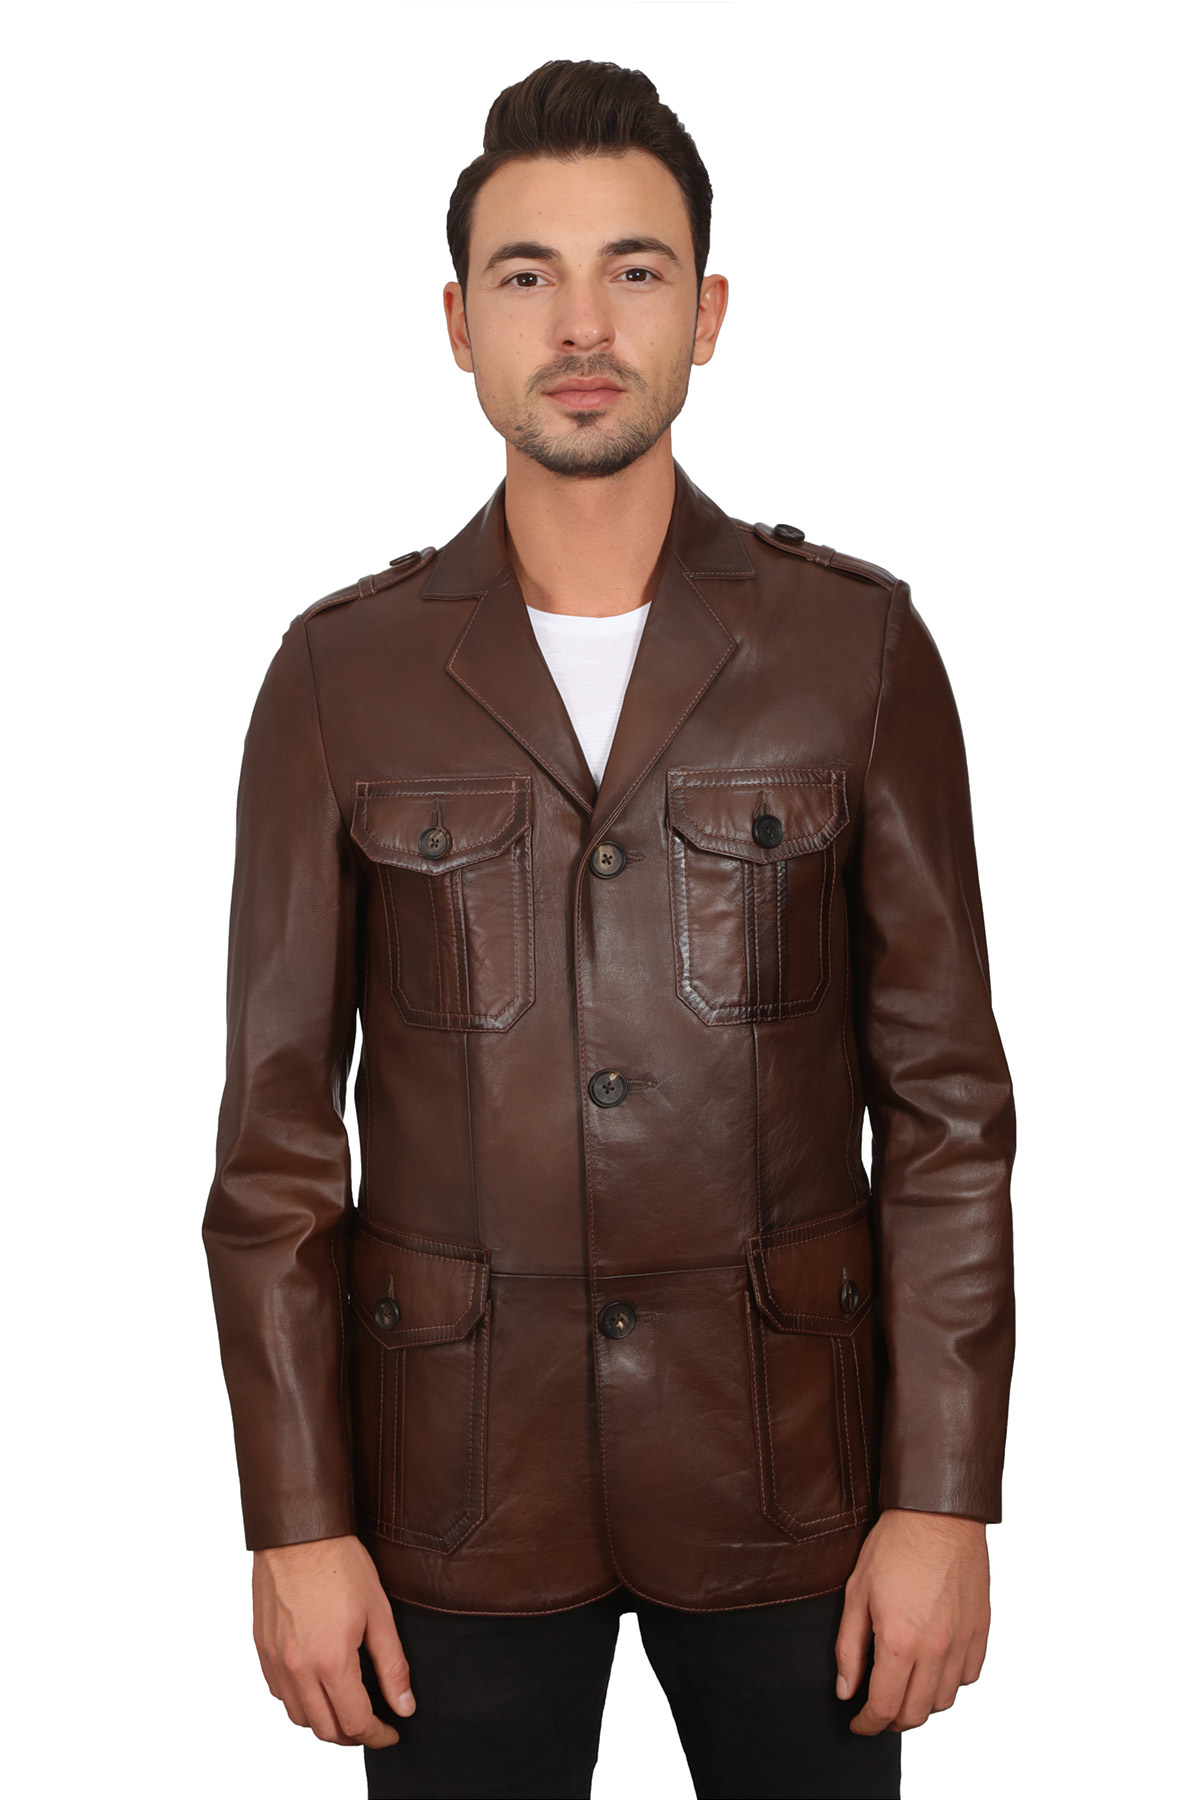 Men's Leather Suit Jacket